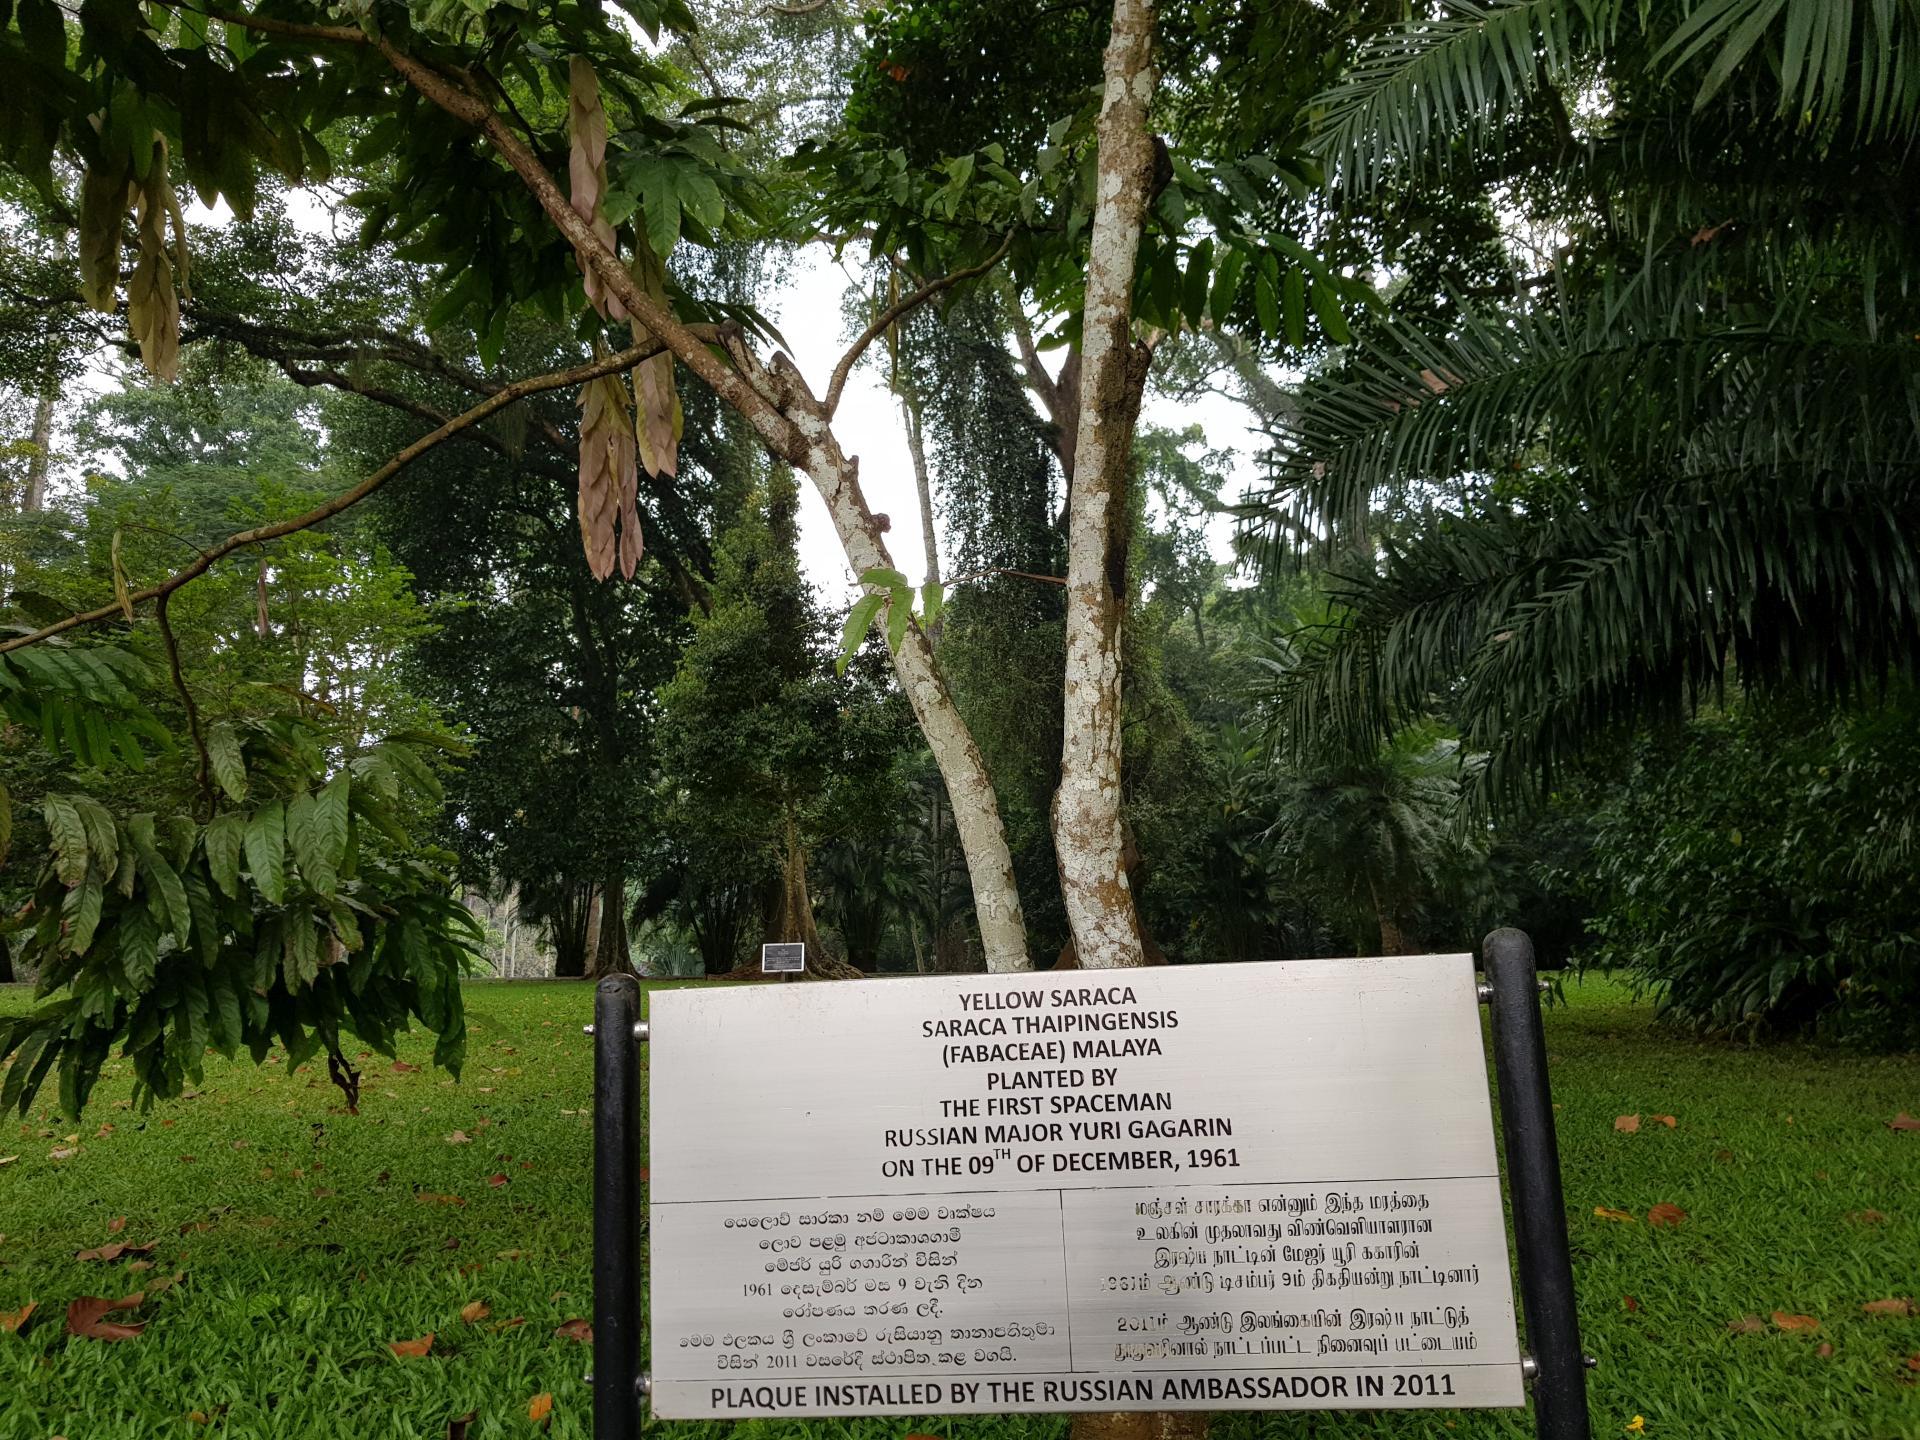 Желтая сарака Юрия Гагарина в Ботаническом саду Канди, Шри-Ланка.